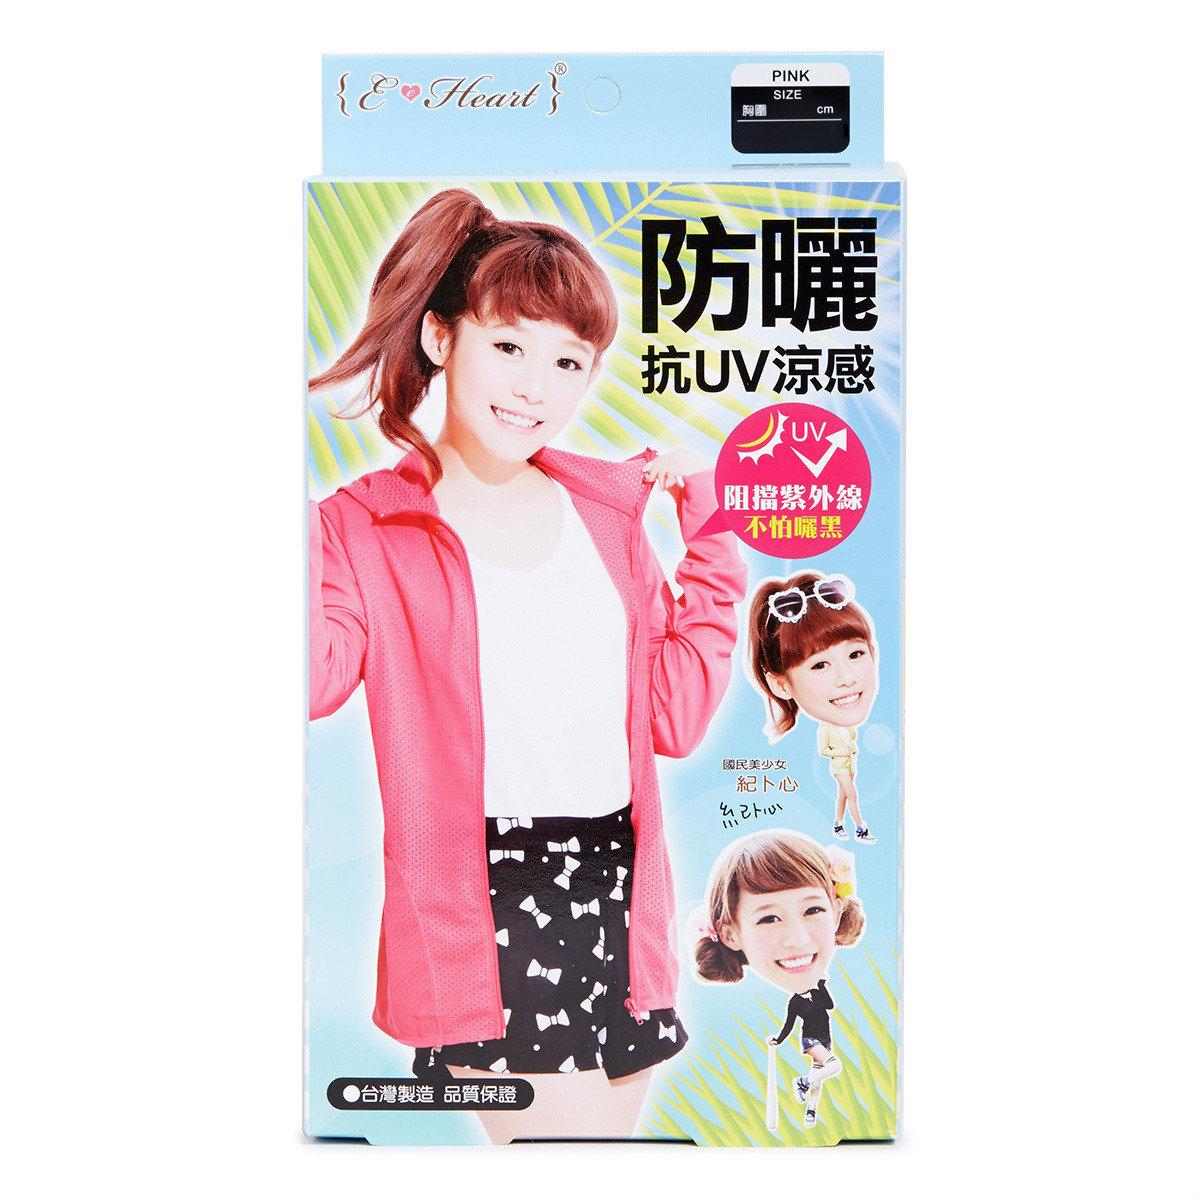 高透氣抗UV防曬外套(涼感顯瘦款-桃